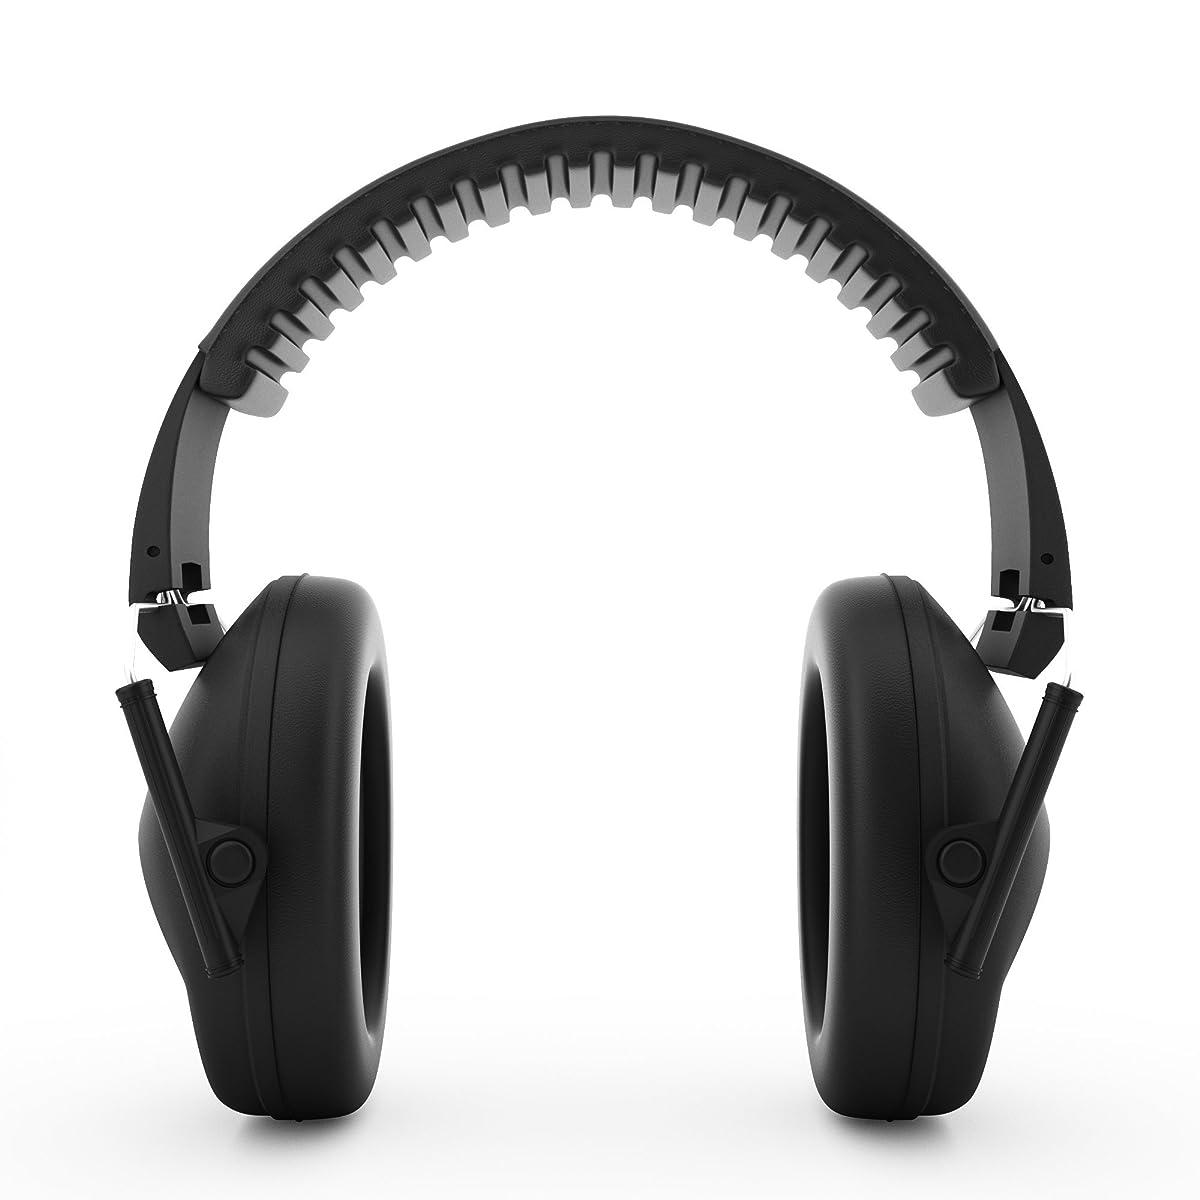 Vanderfields NR35X2 Protective, Foldable Shooting Earmuffs / Headphones